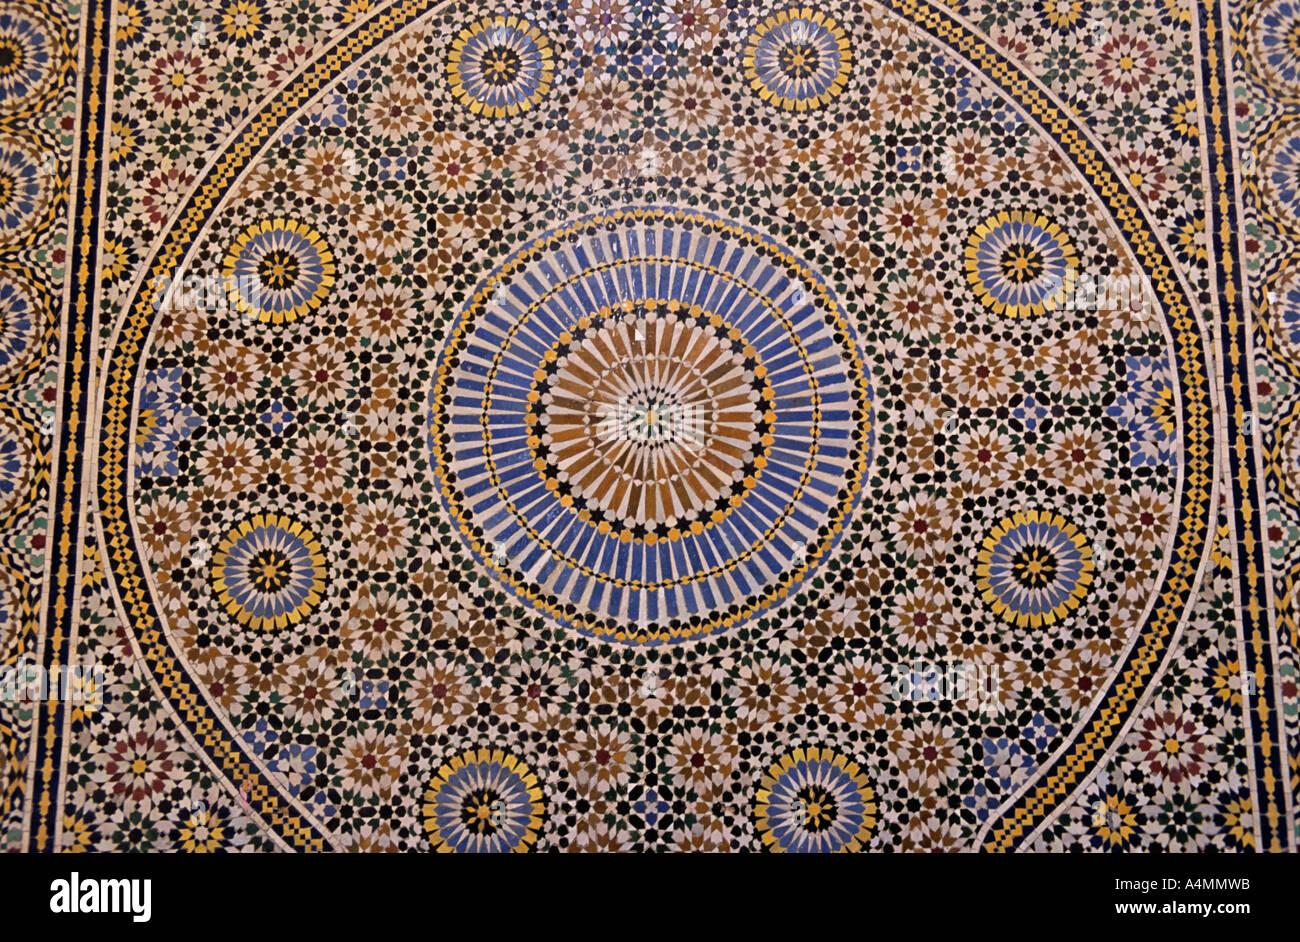 mosaic zellige tile photos mosaic zellige tile images alamy. Black Bedroom Furniture Sets. Home Design Ideas